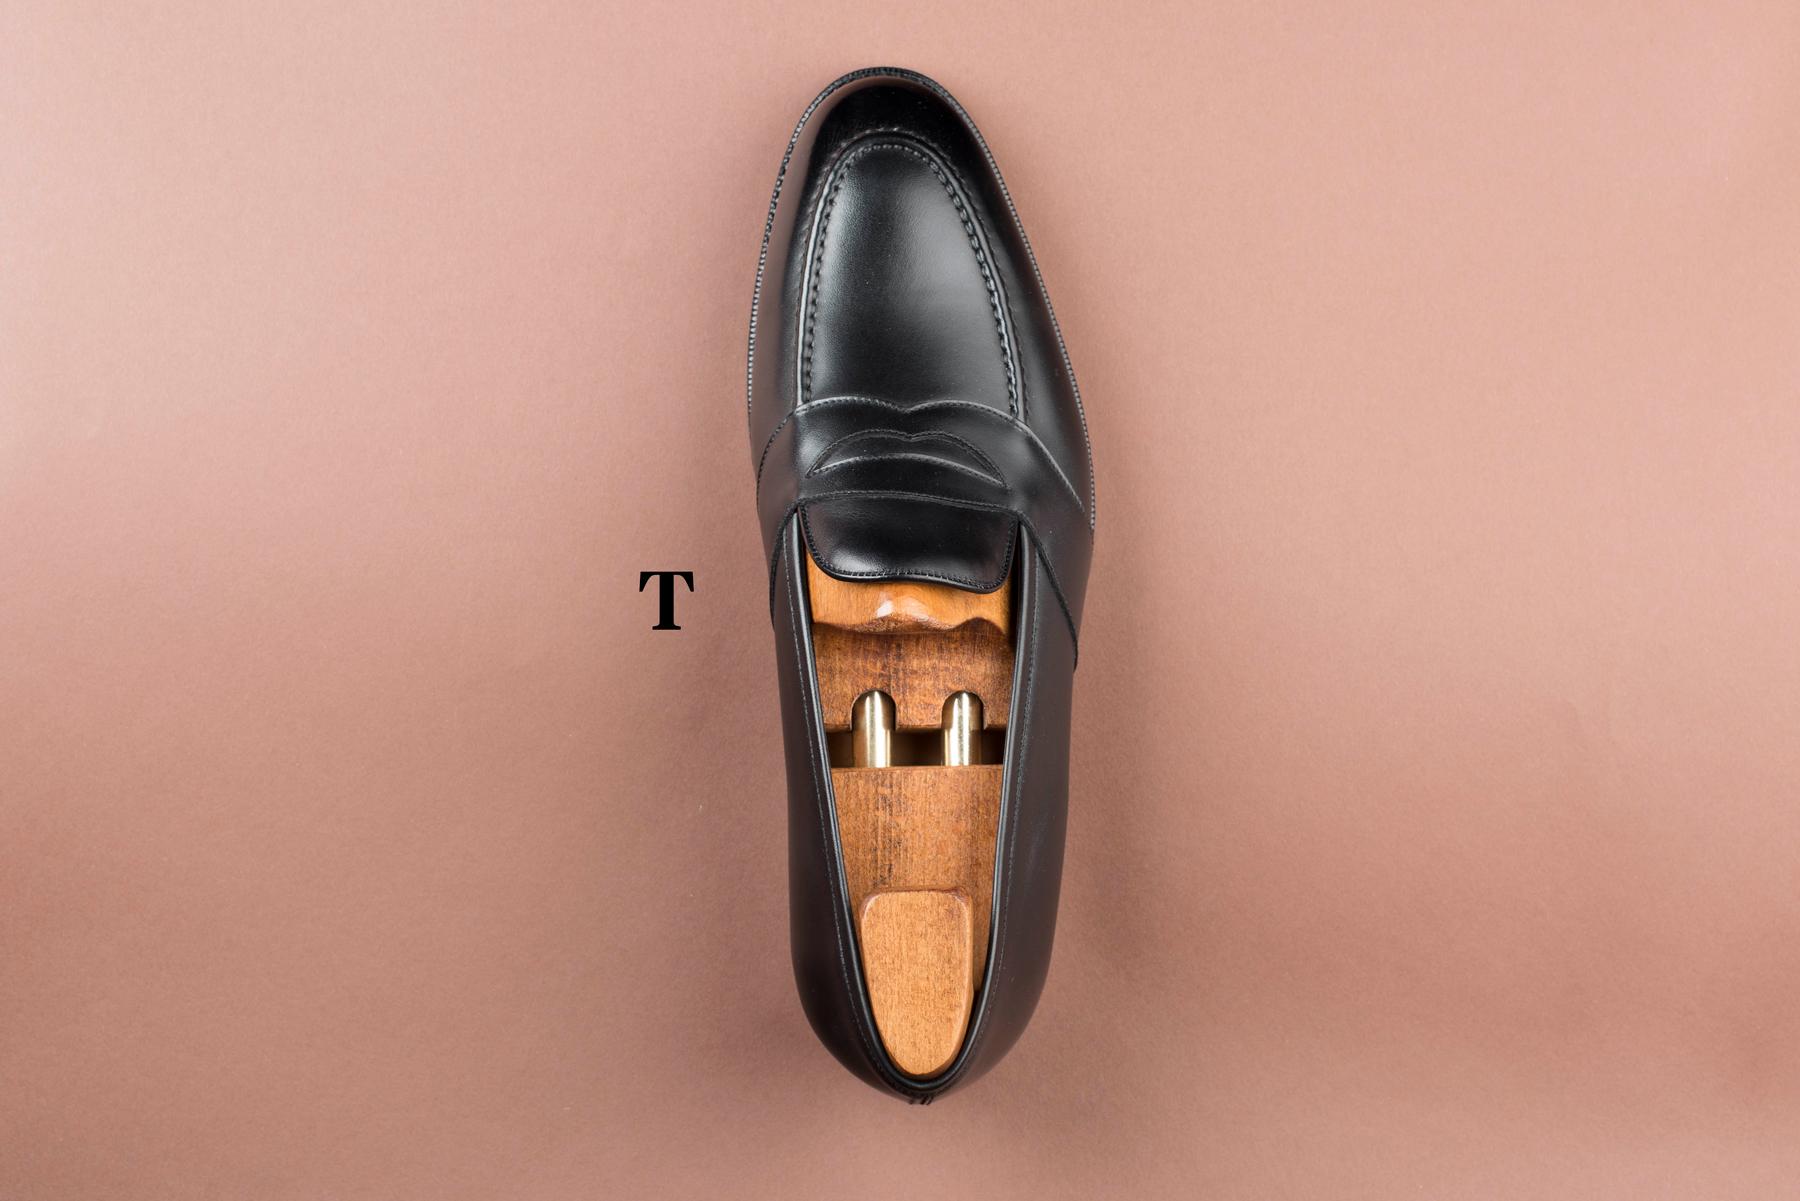 Löf-&-Tung-T-last-loafer.jpg